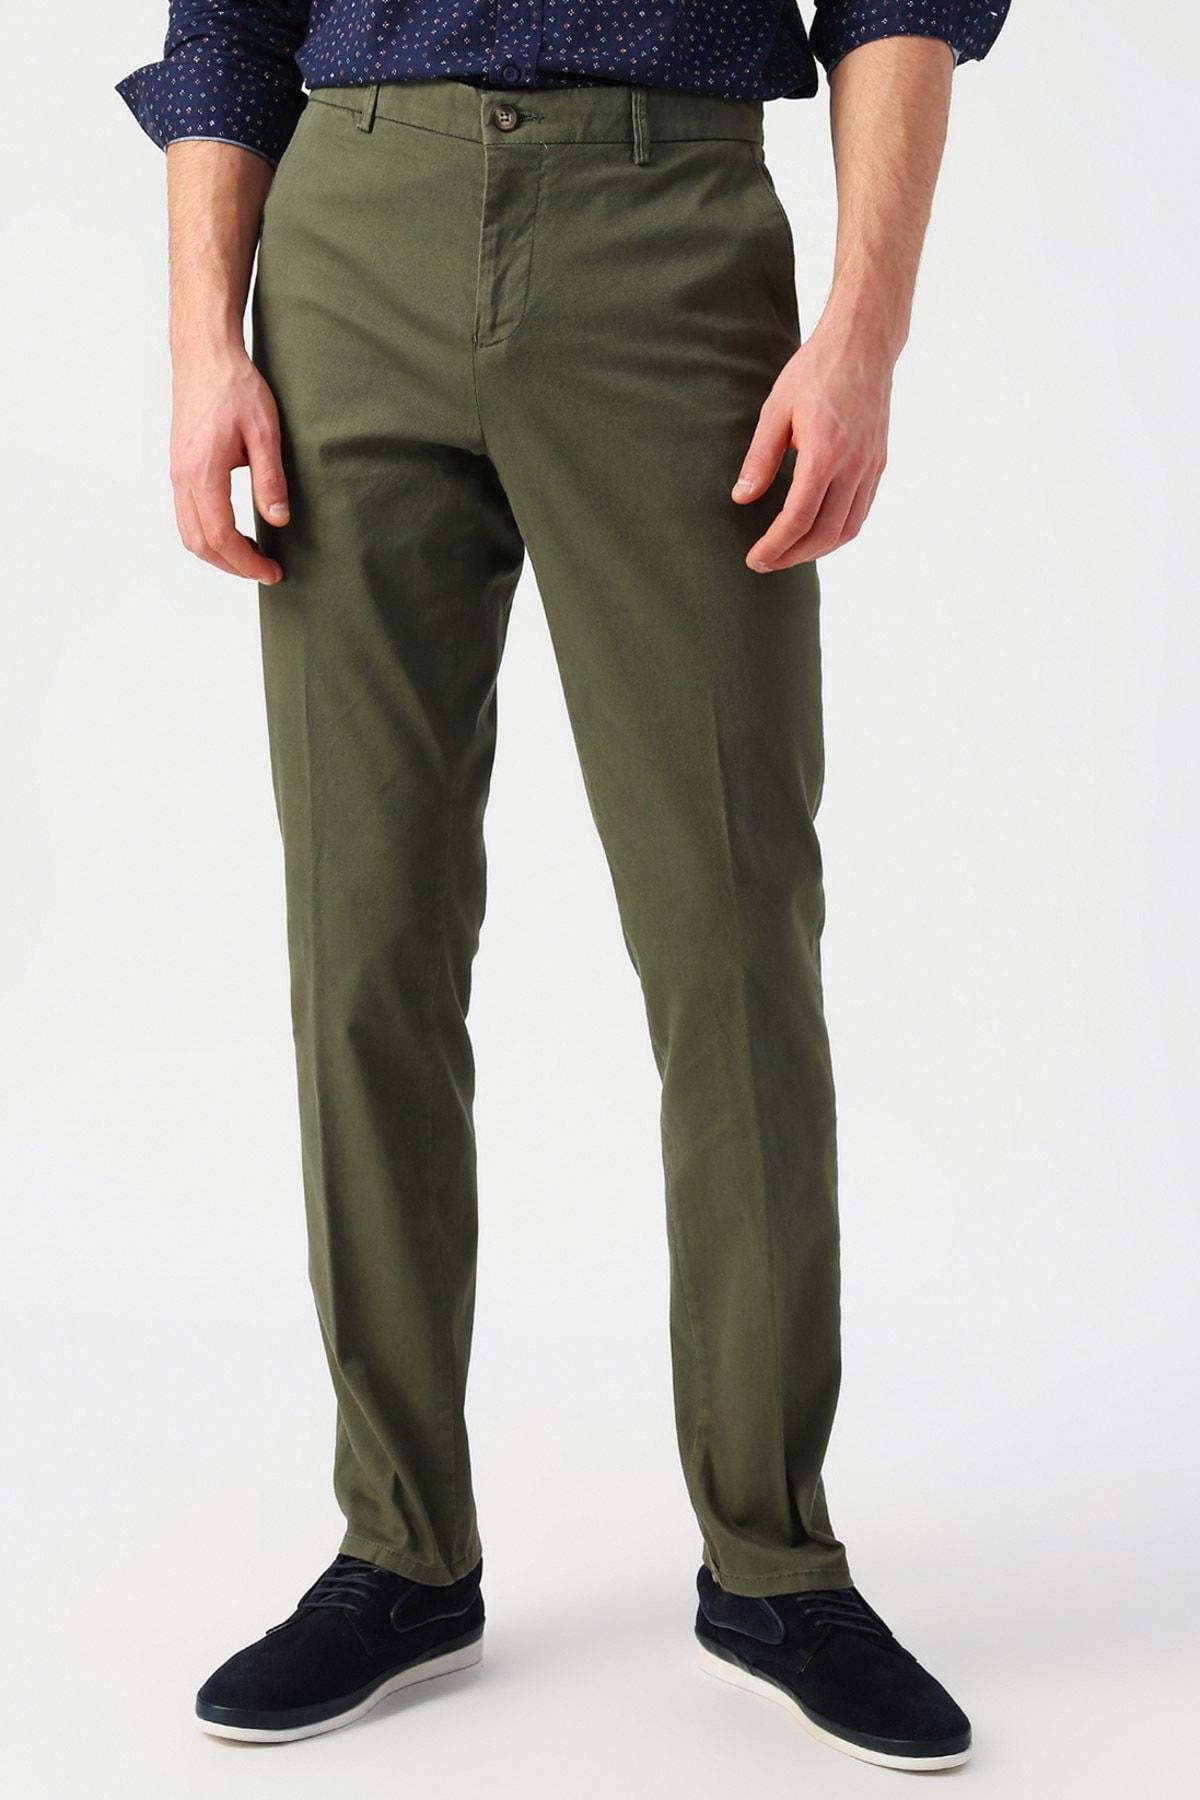 Cotton Bar Pantolon 2